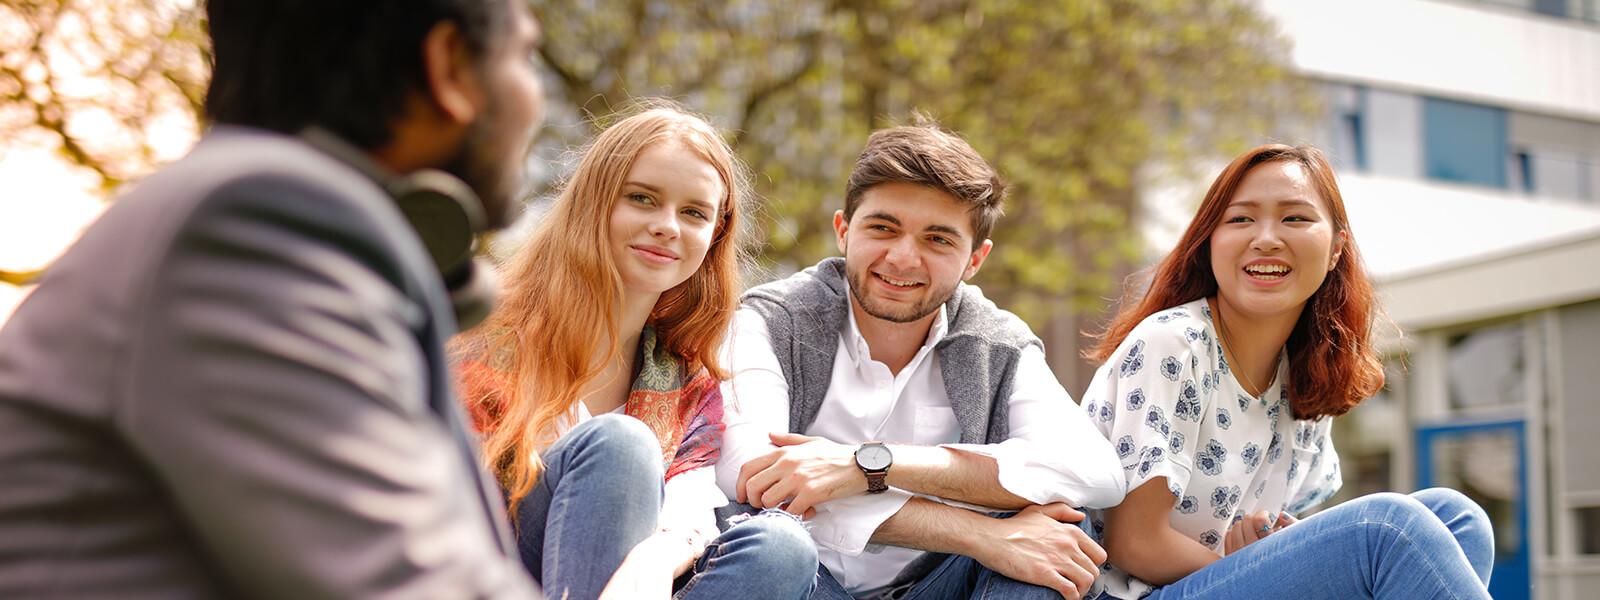 bachelor-International Business-studyinholland-universitiesofappliedsciences-Han-Arnhem-holland